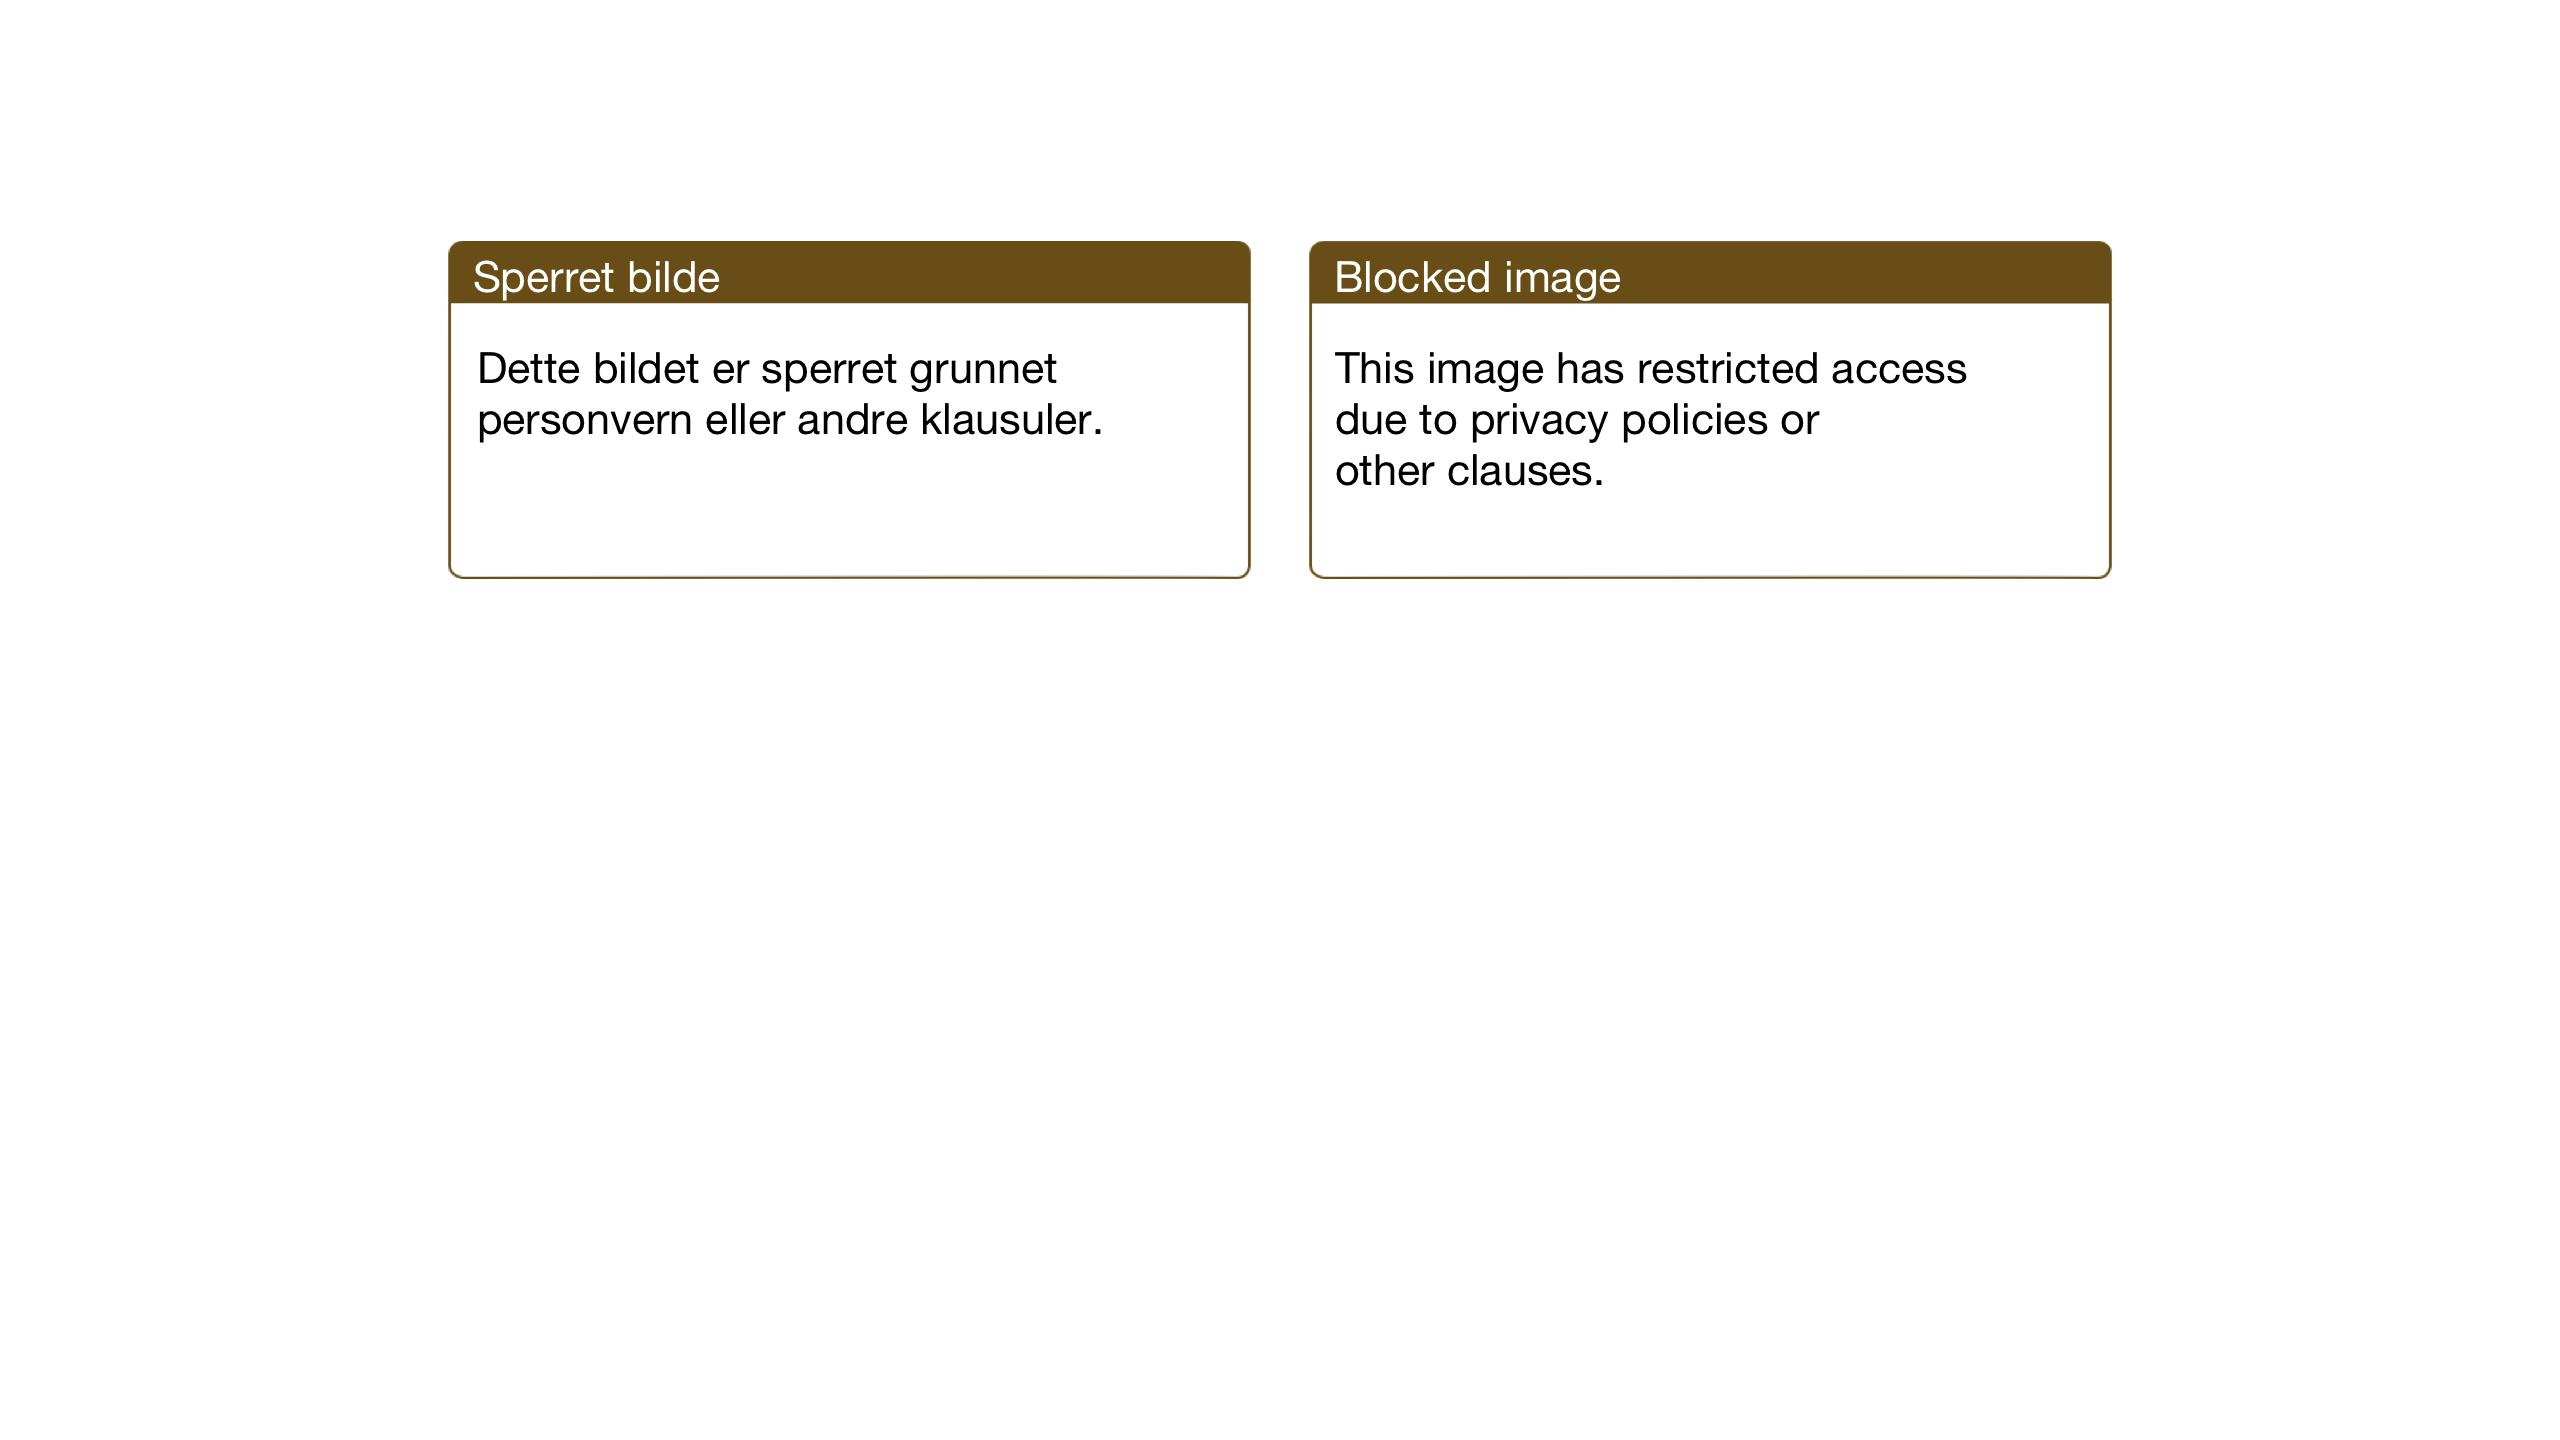 SAT, Ministerialprotokoller, klokkerbøker og fødselsregistre - Nord-Trøndelag, 740/L0383: Klokkerbok nr. 740C04, 1927-1939, s. 21